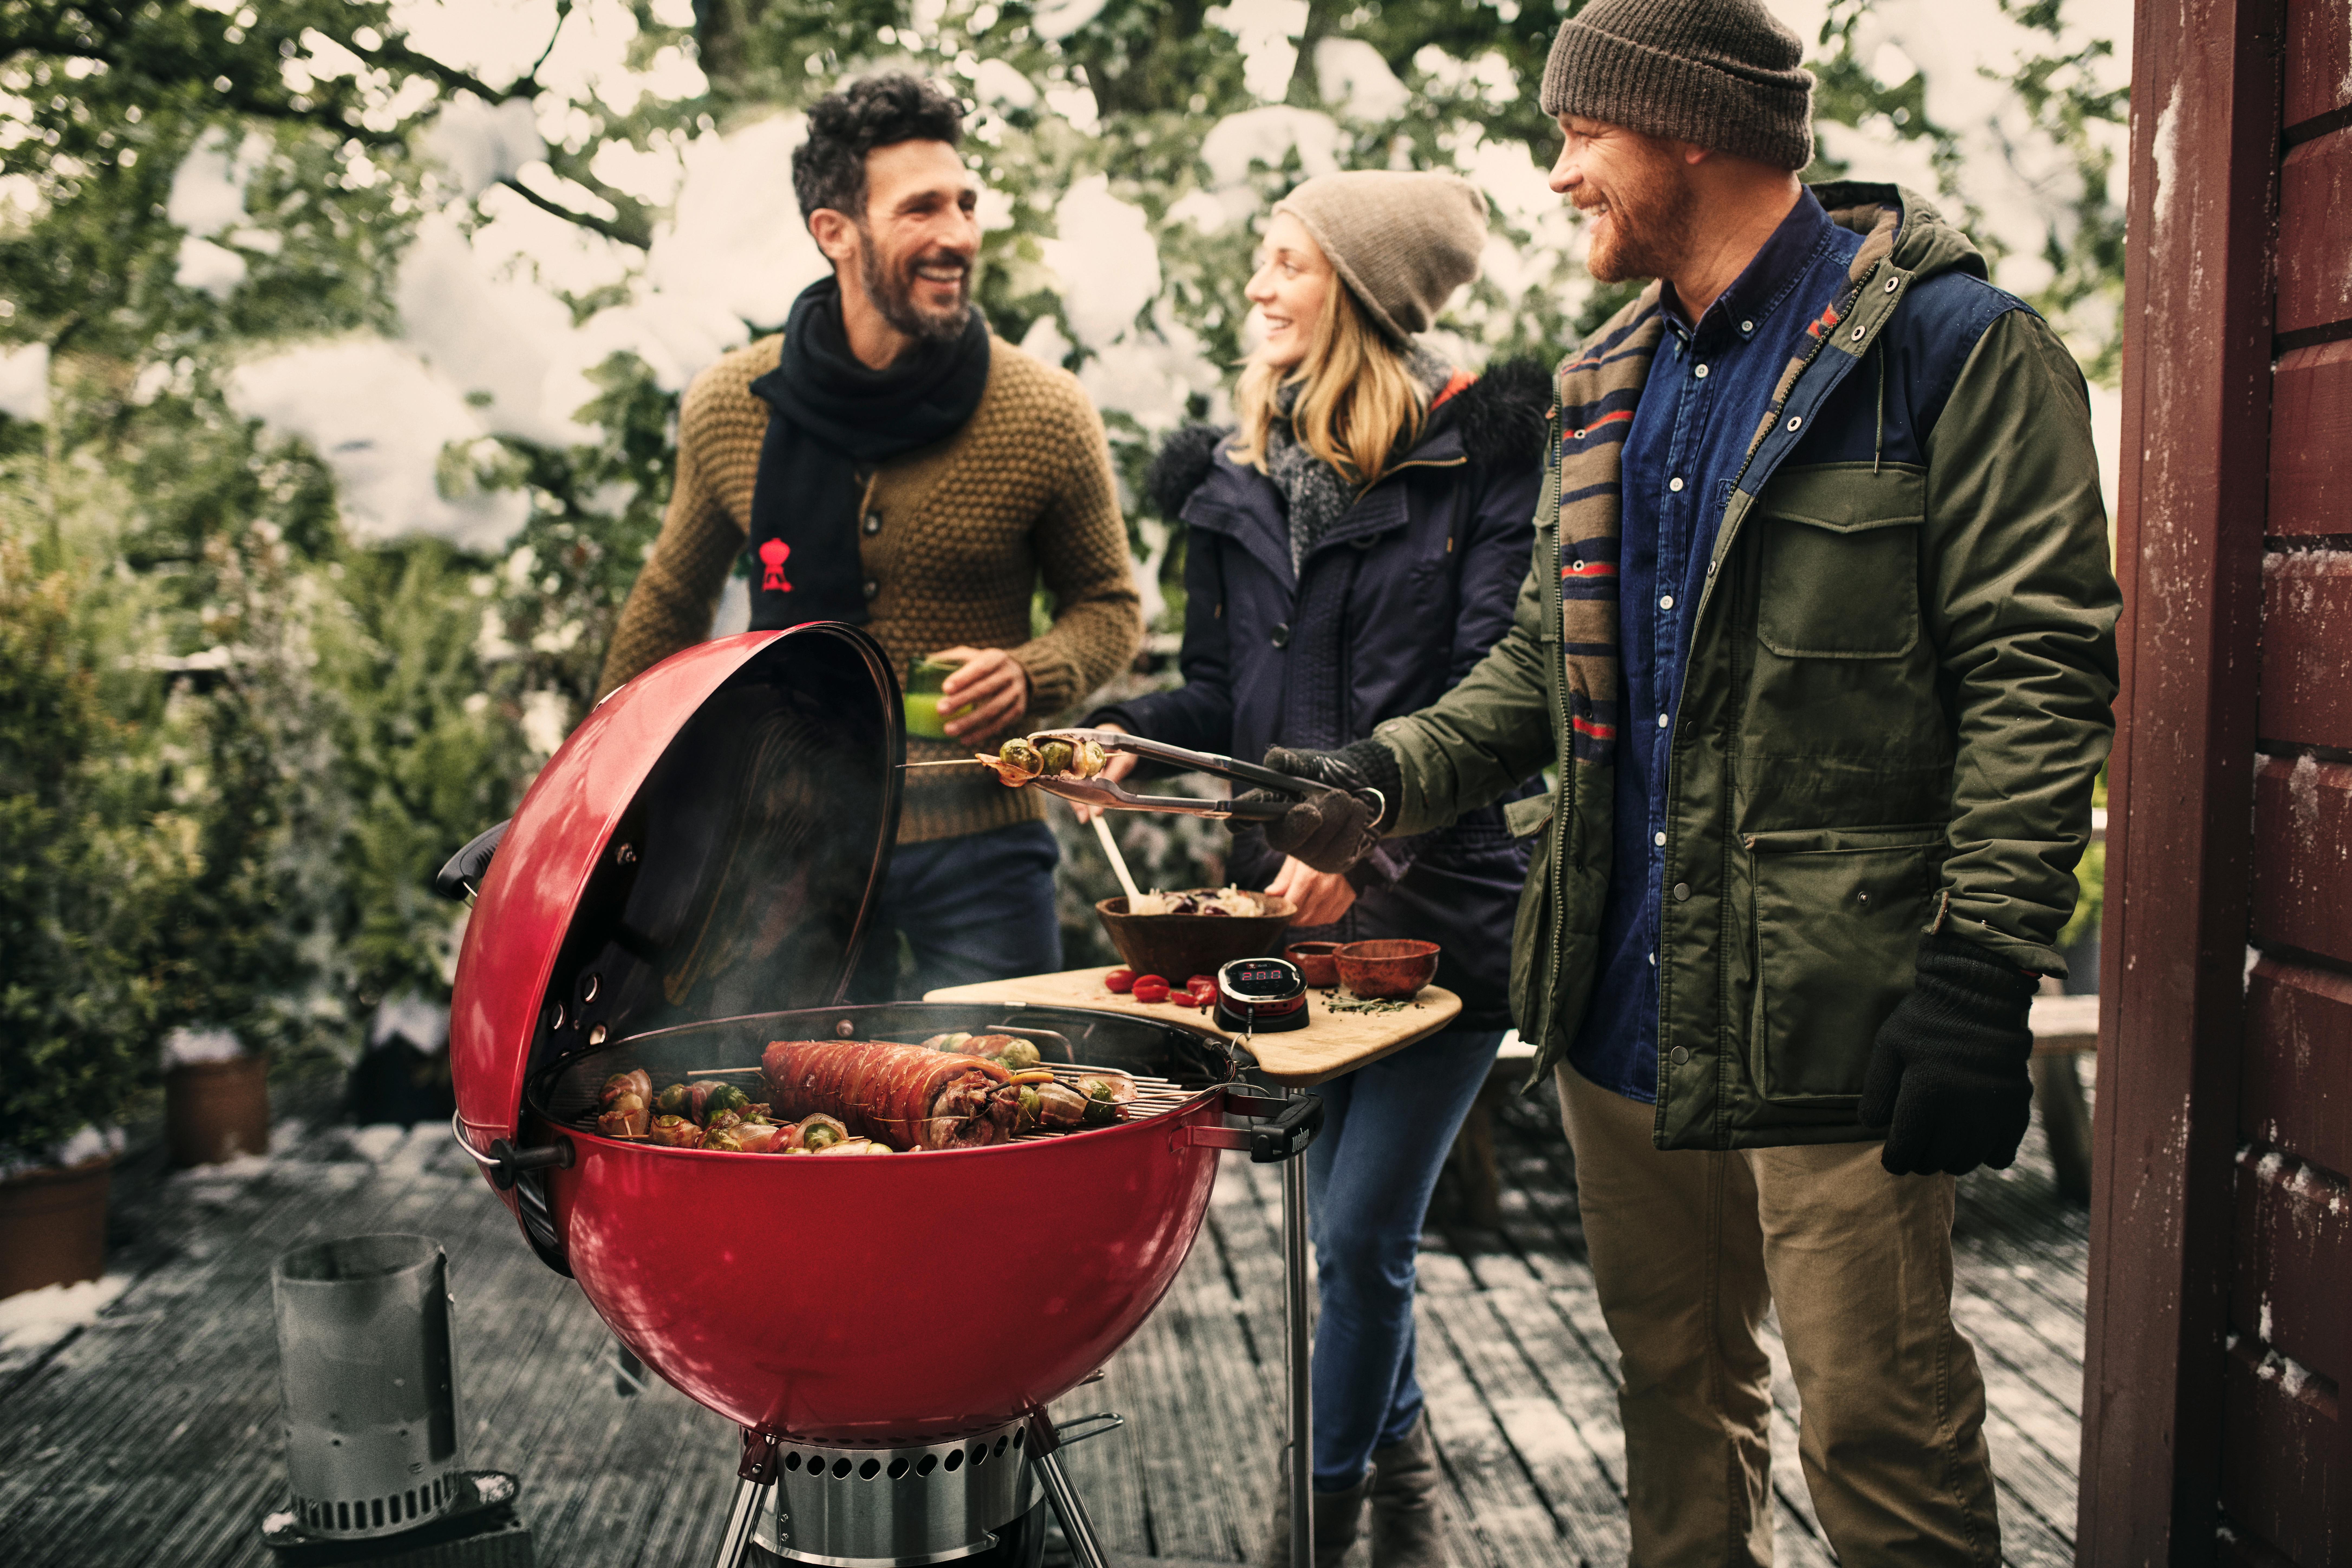 Weber Elektrogrill Im Winter : Weber grill raiffeisen markt loxstedt